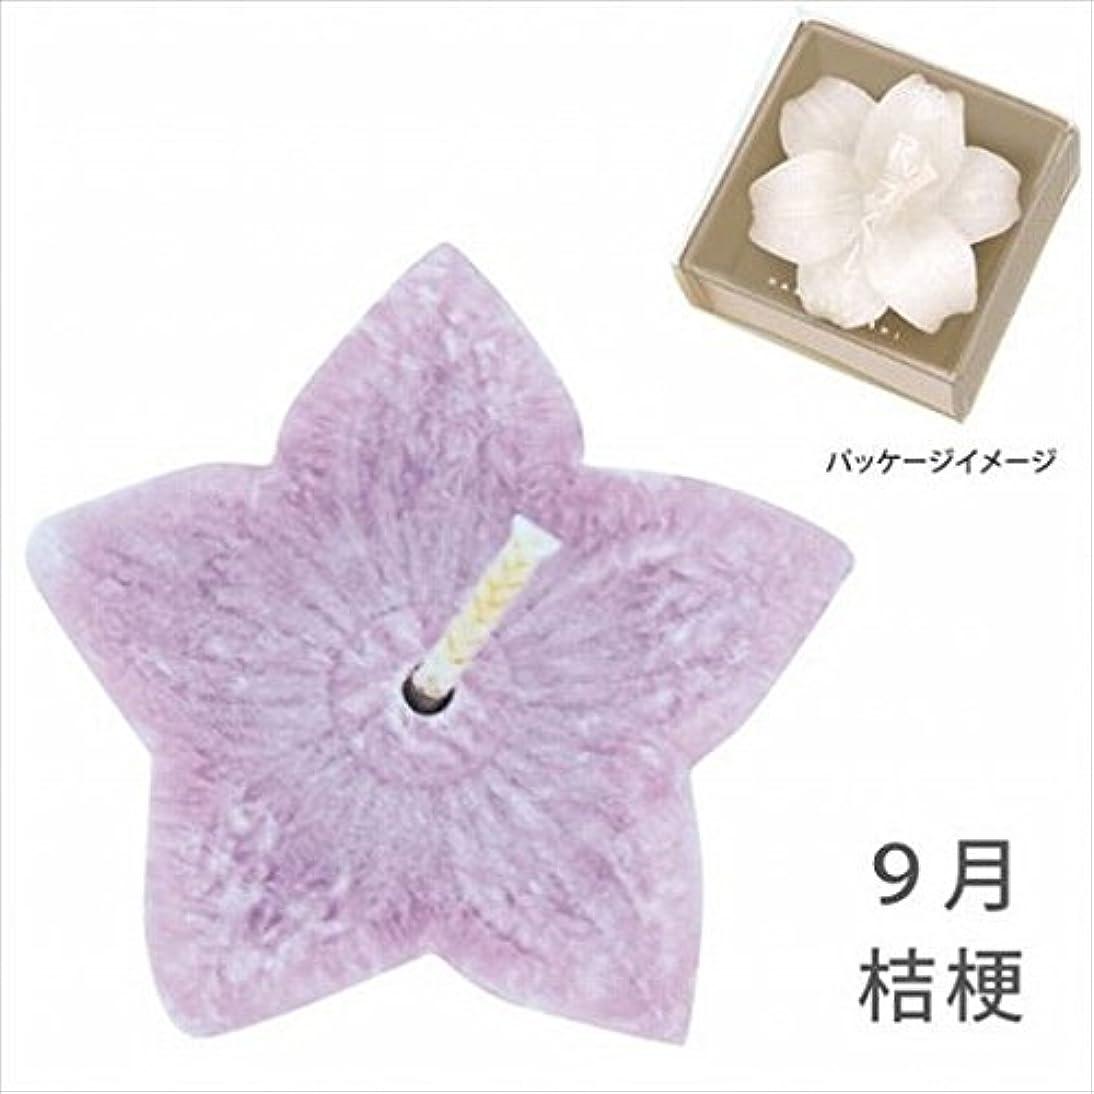 見える黒くする荒廃するkameyama candle(カメヤマキャンドル) 花づくし(植物性) 桔梗 「 桔梗(9月) 」 キャンドル(A4620510)